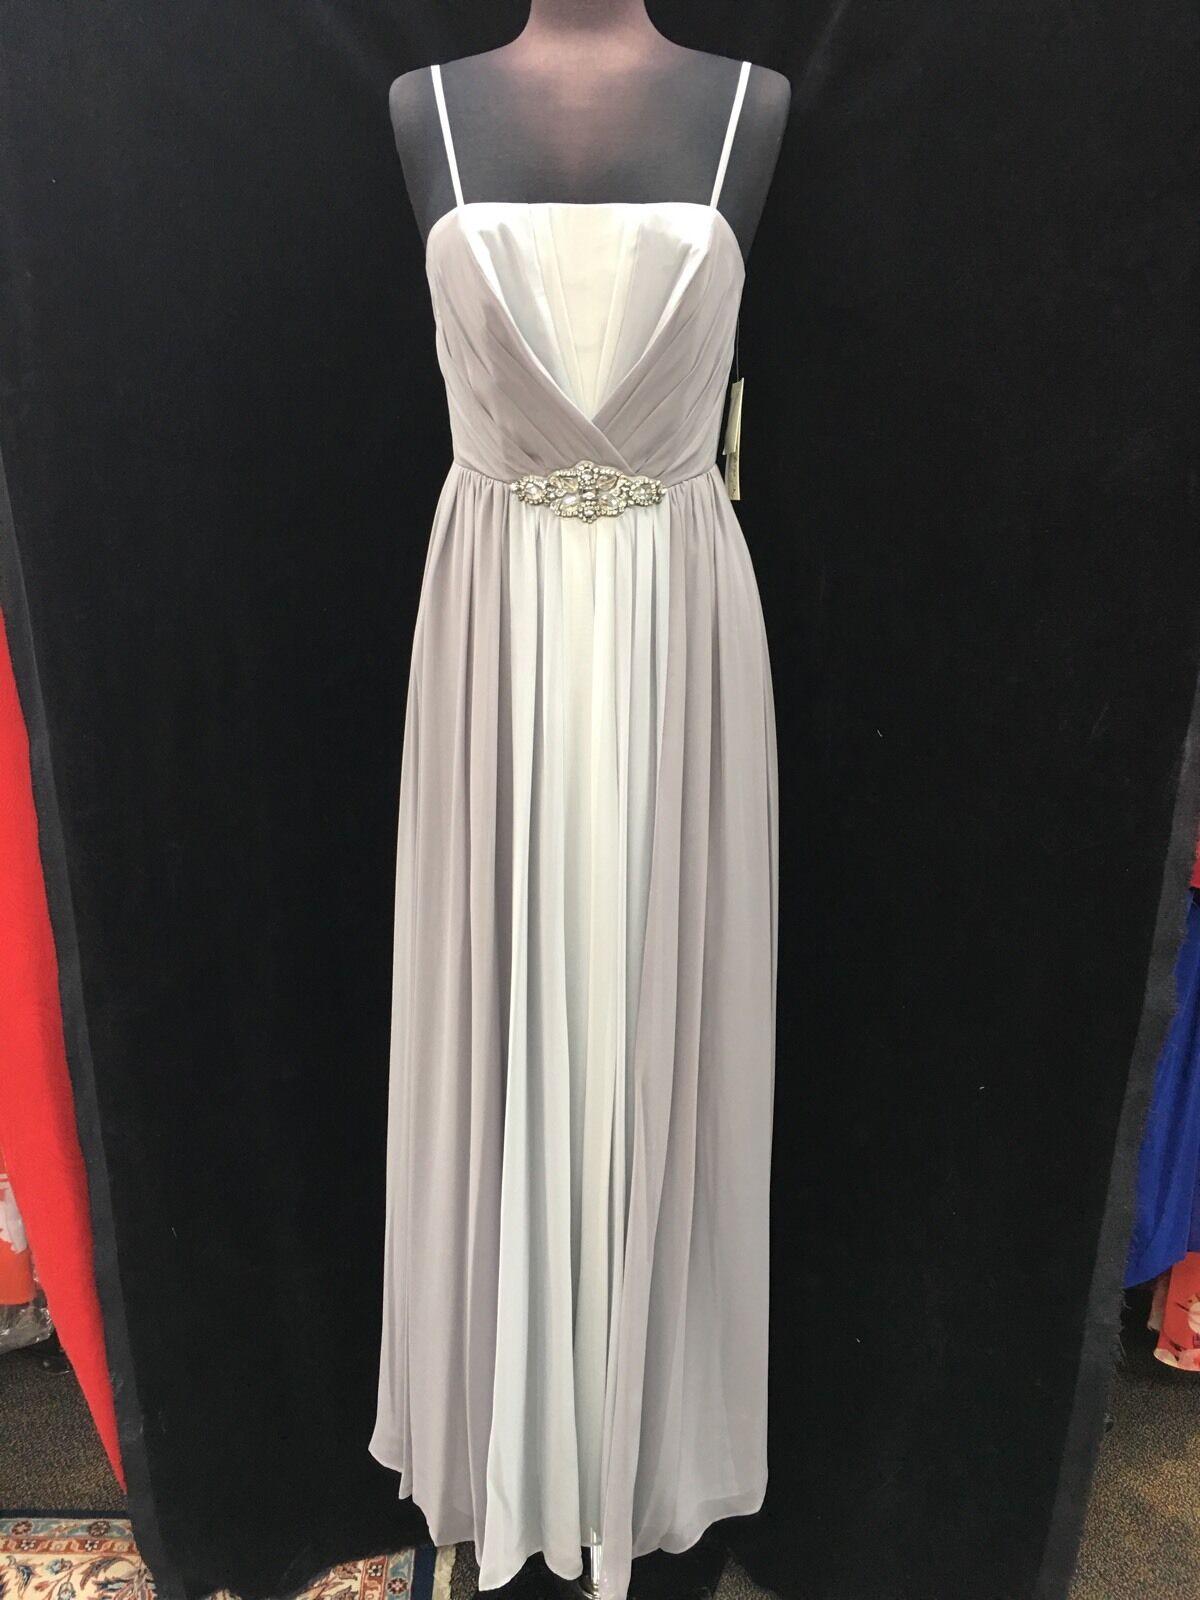 Eliza J Kleid   Größe 8  Silbergrau Neu mit Etikett   Einzelhandel von Braut